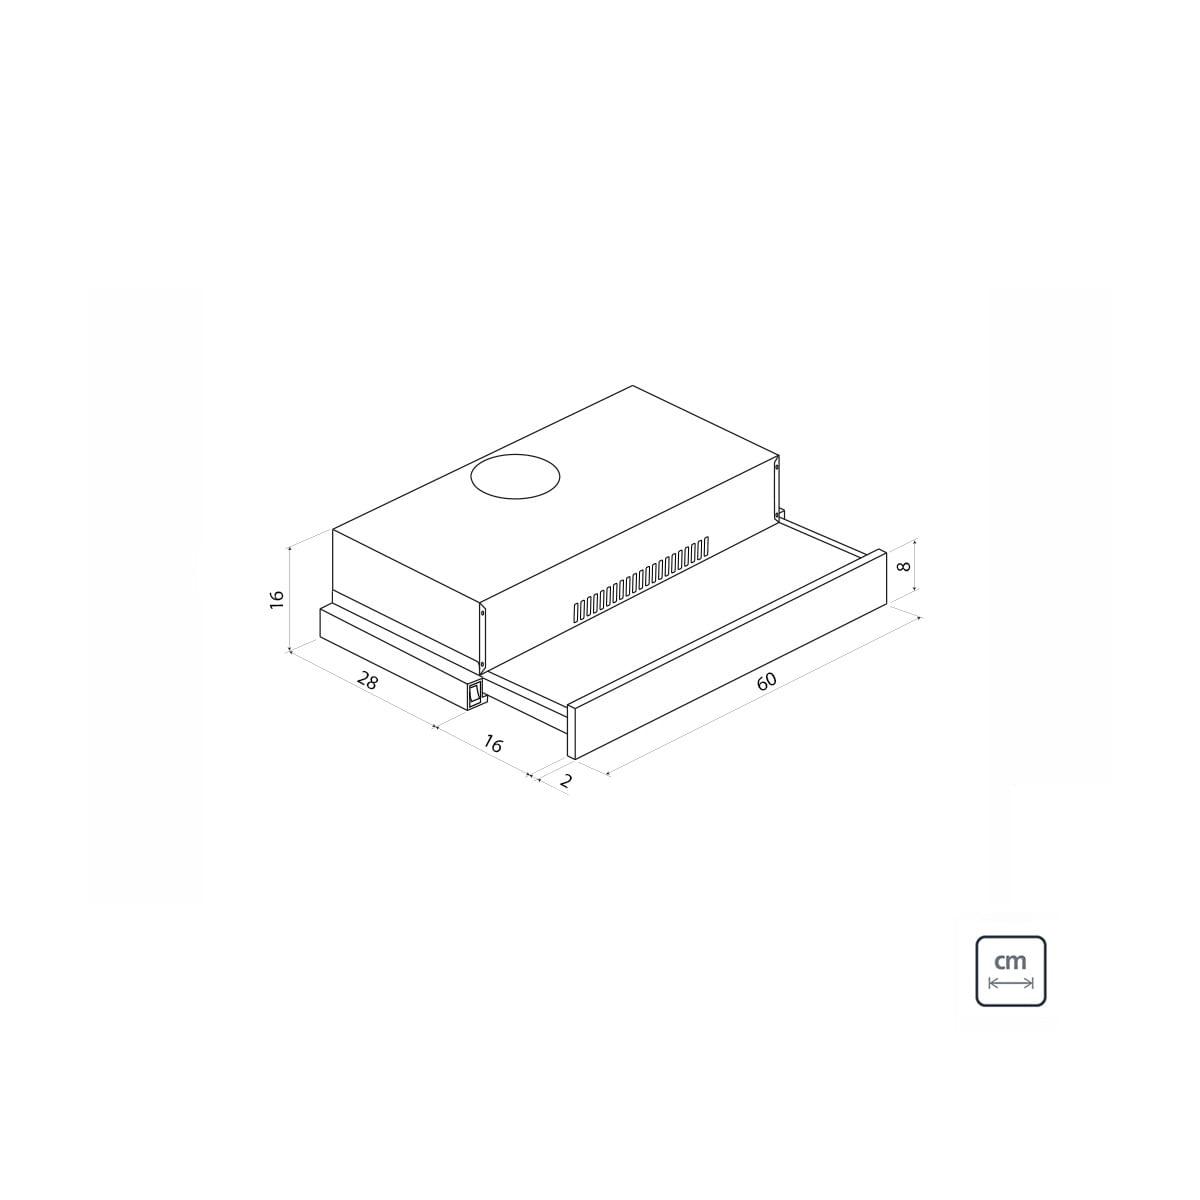 Depurador de Parede Retrátil Tramontina Slide em Aço Inox 60 cm